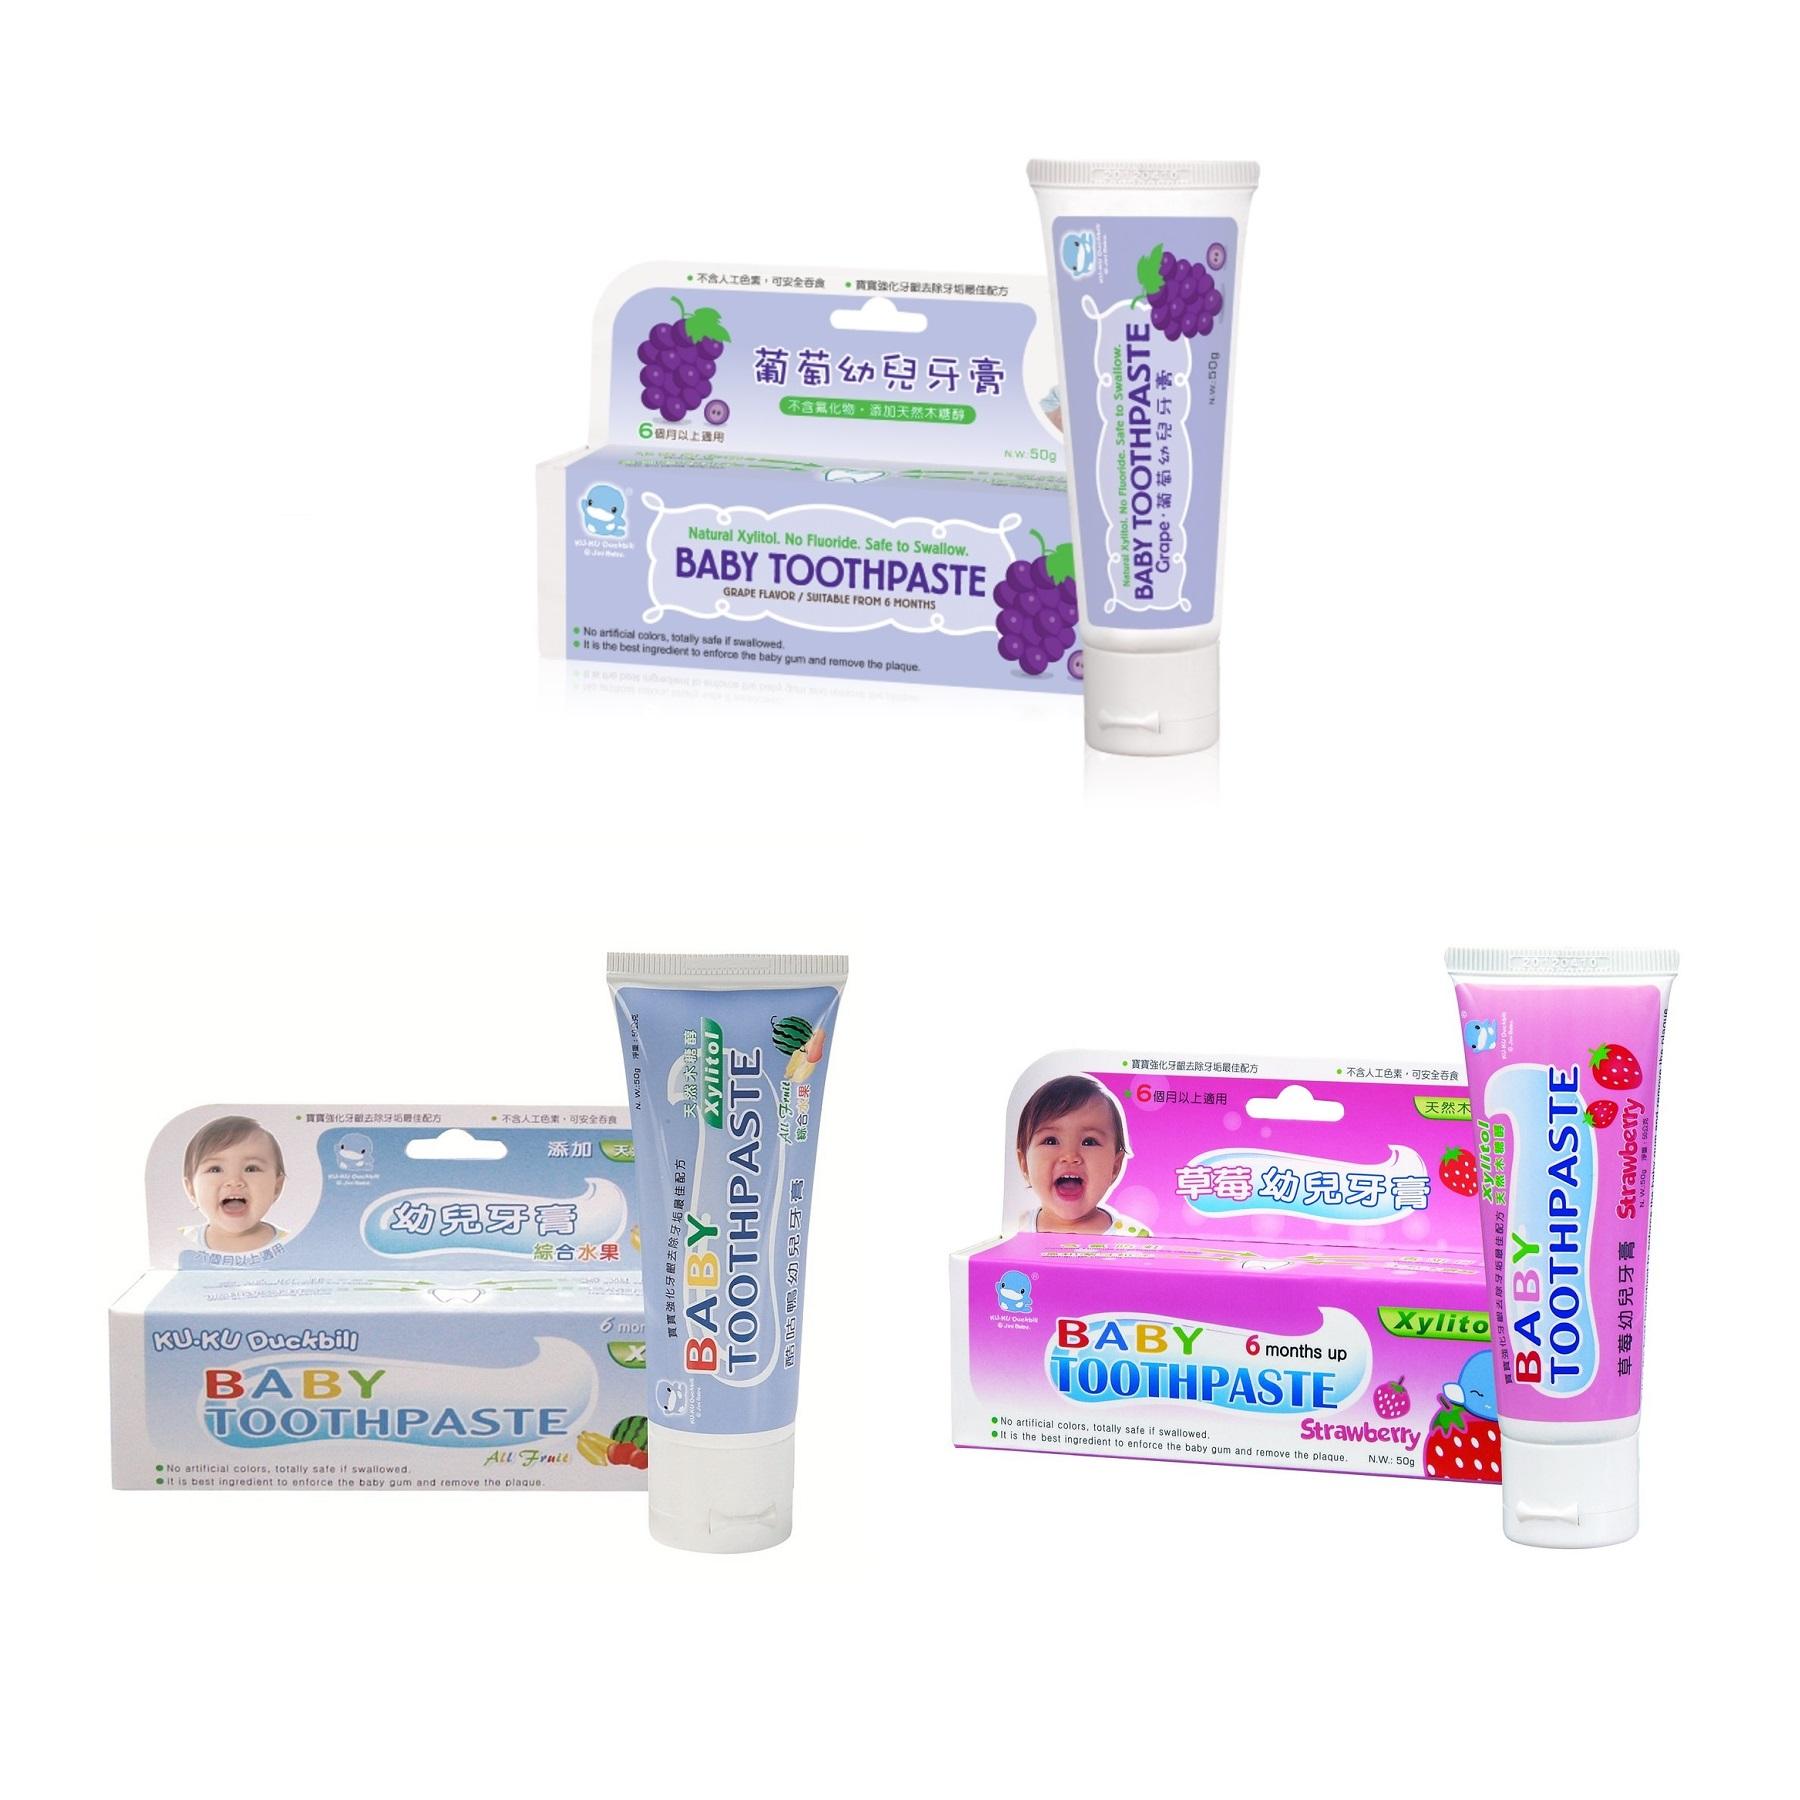 Kuku Duckbill Baby Toothpaste